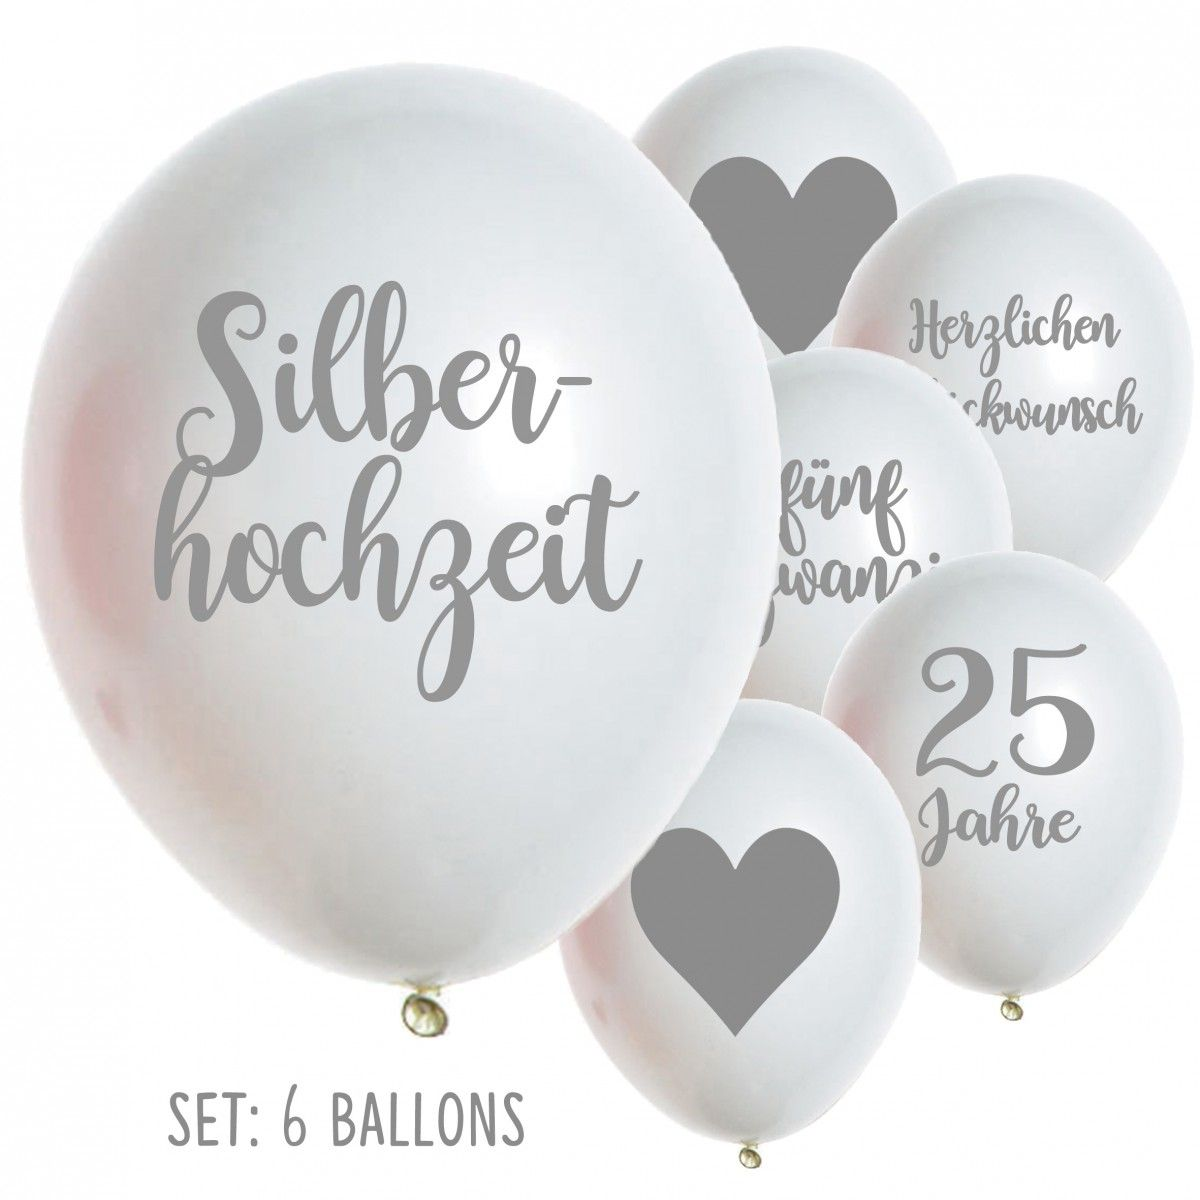 Silberhochzeit ballons luftballons 25 jahre hochzeit jubil um ballon dekoration idee ideen - Tischdekoration silberhochzeit bilder ...